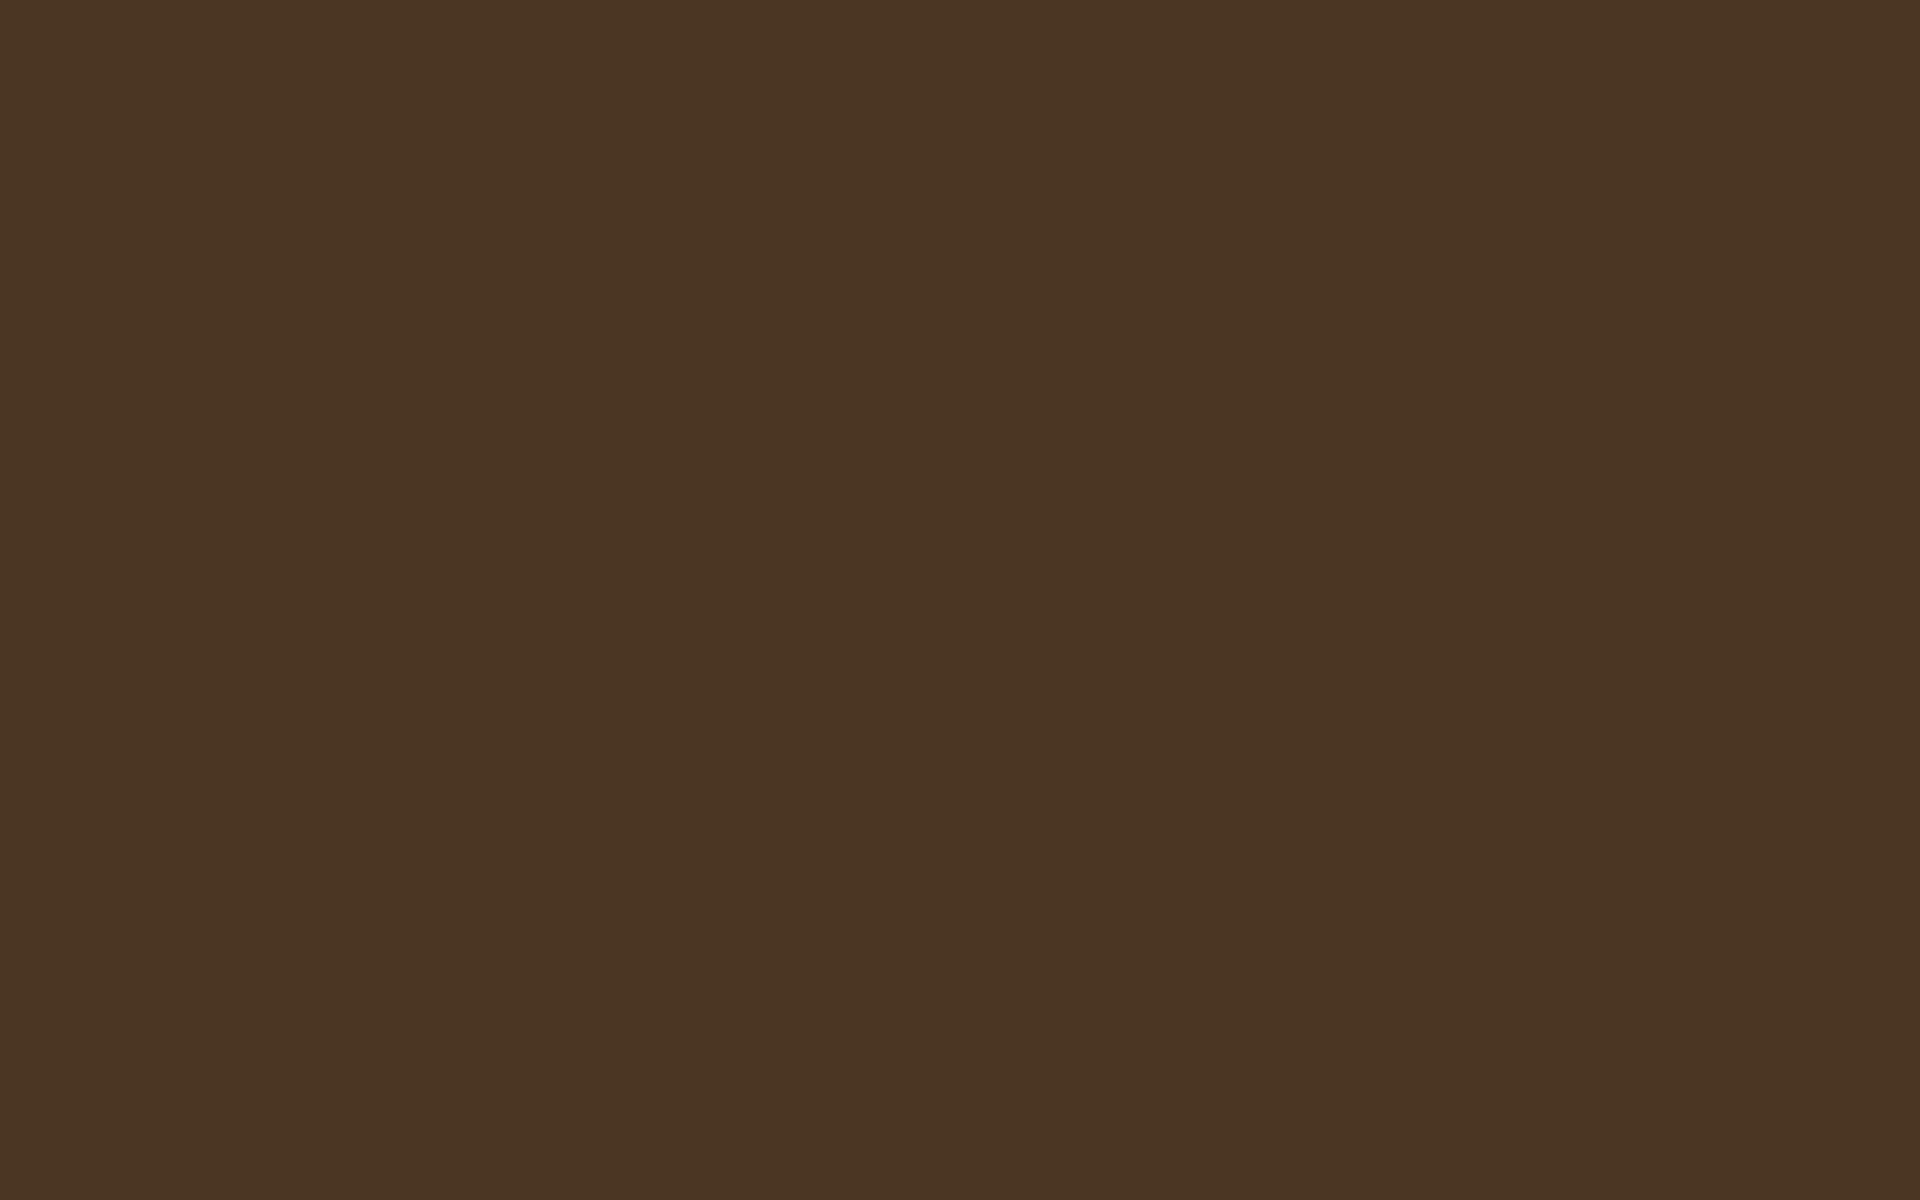 1920x1200 Cafe Noir Solid Color Background